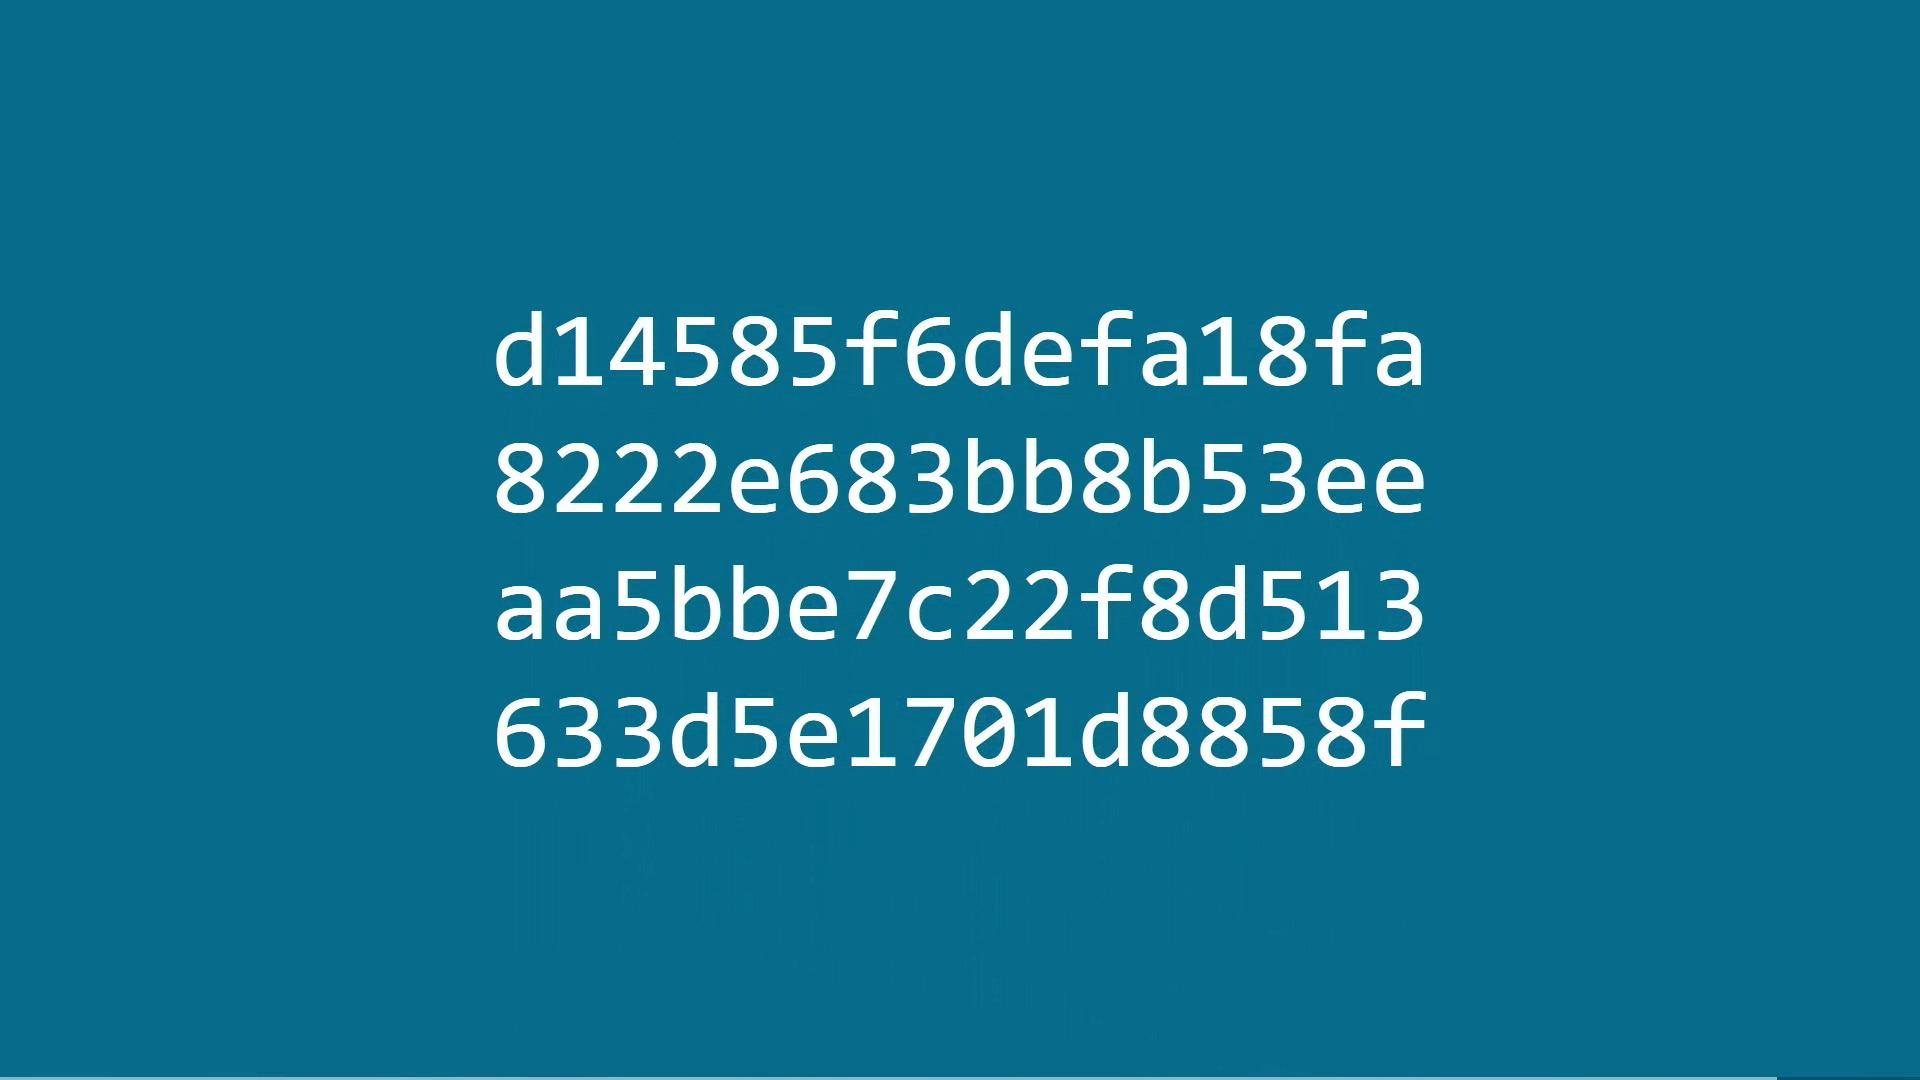 04 - Bootrom SHA256-Hash.jpg